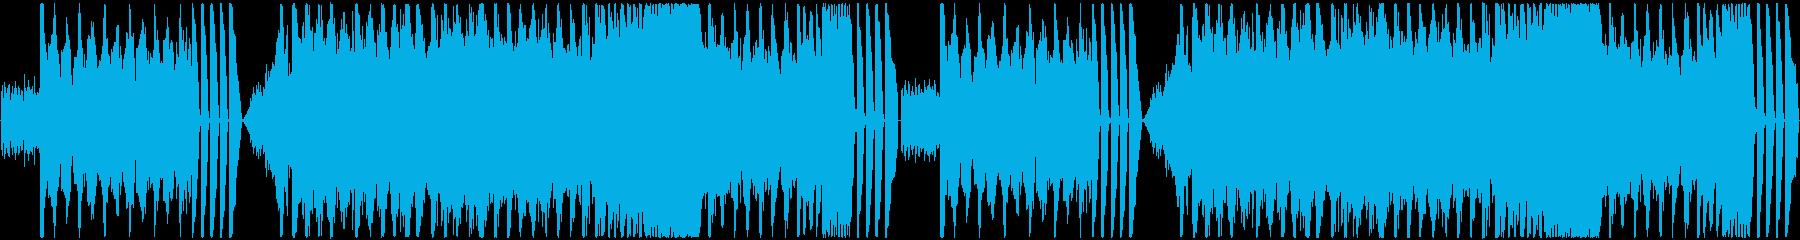 コミカルさとシリアスさのあるEDMの再生済みの波形